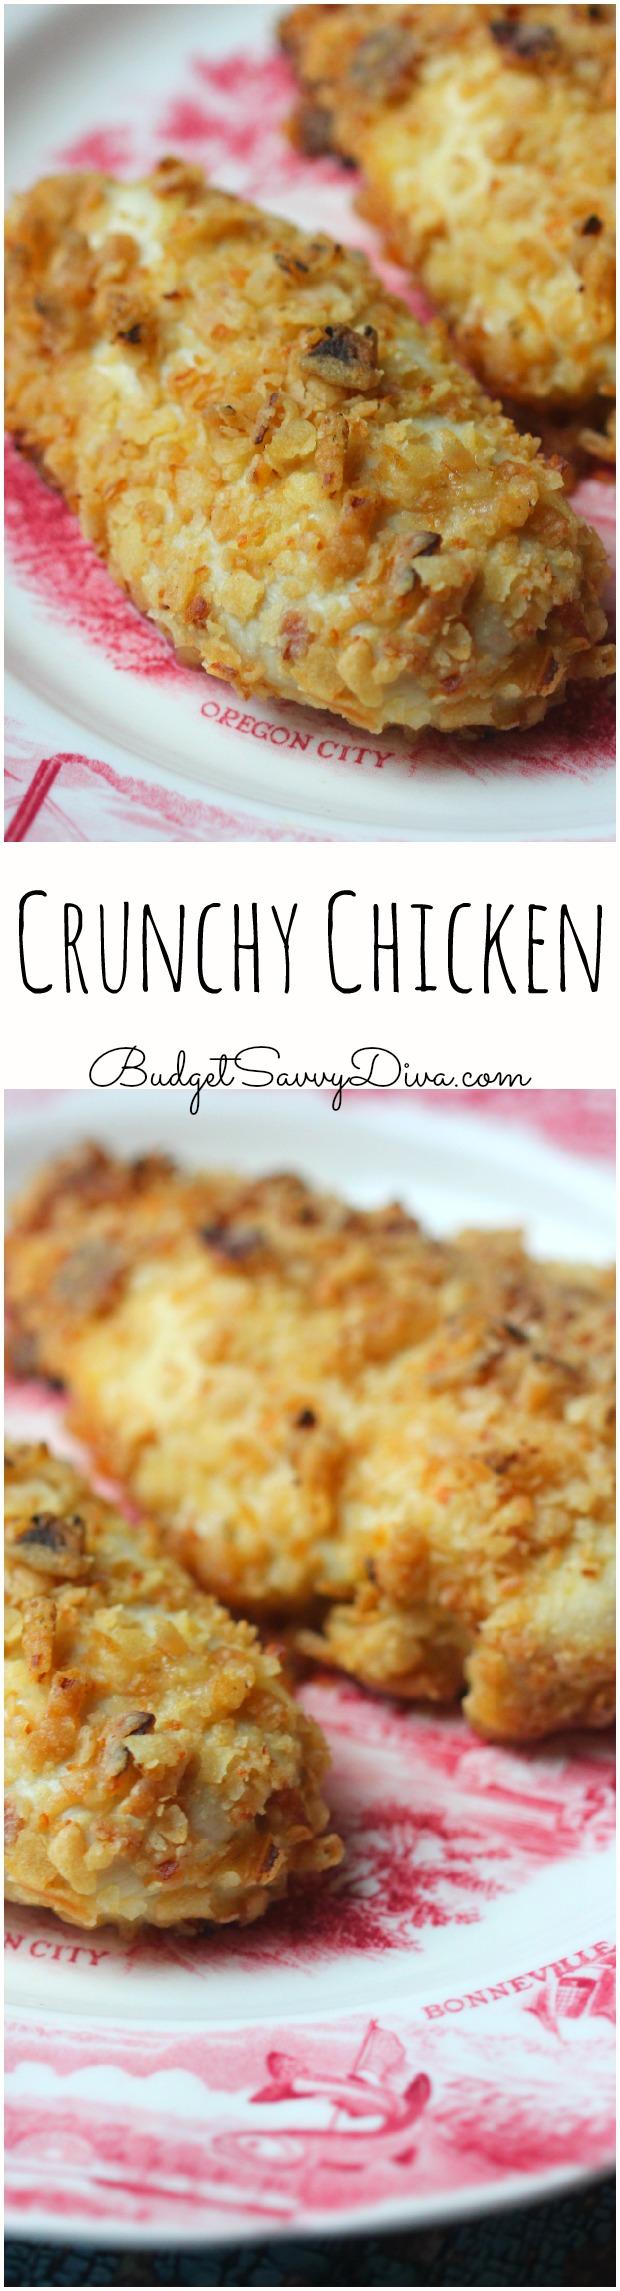 Crunchy Chicken Recipe